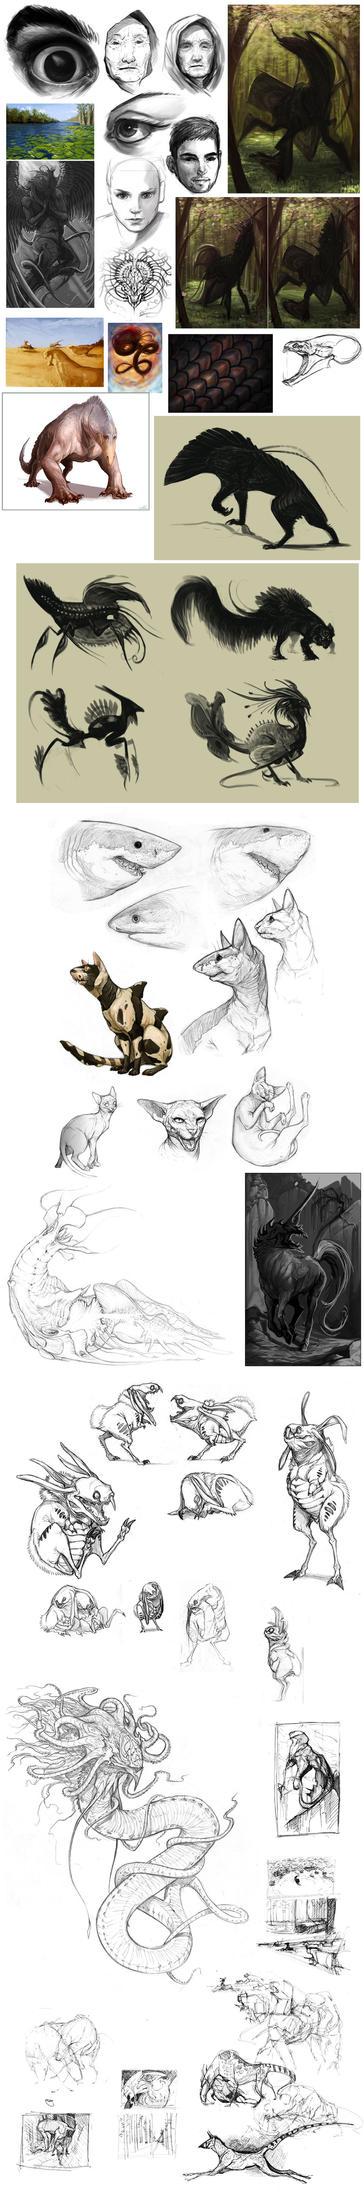 Sketch Dump by GuthrieArtwork